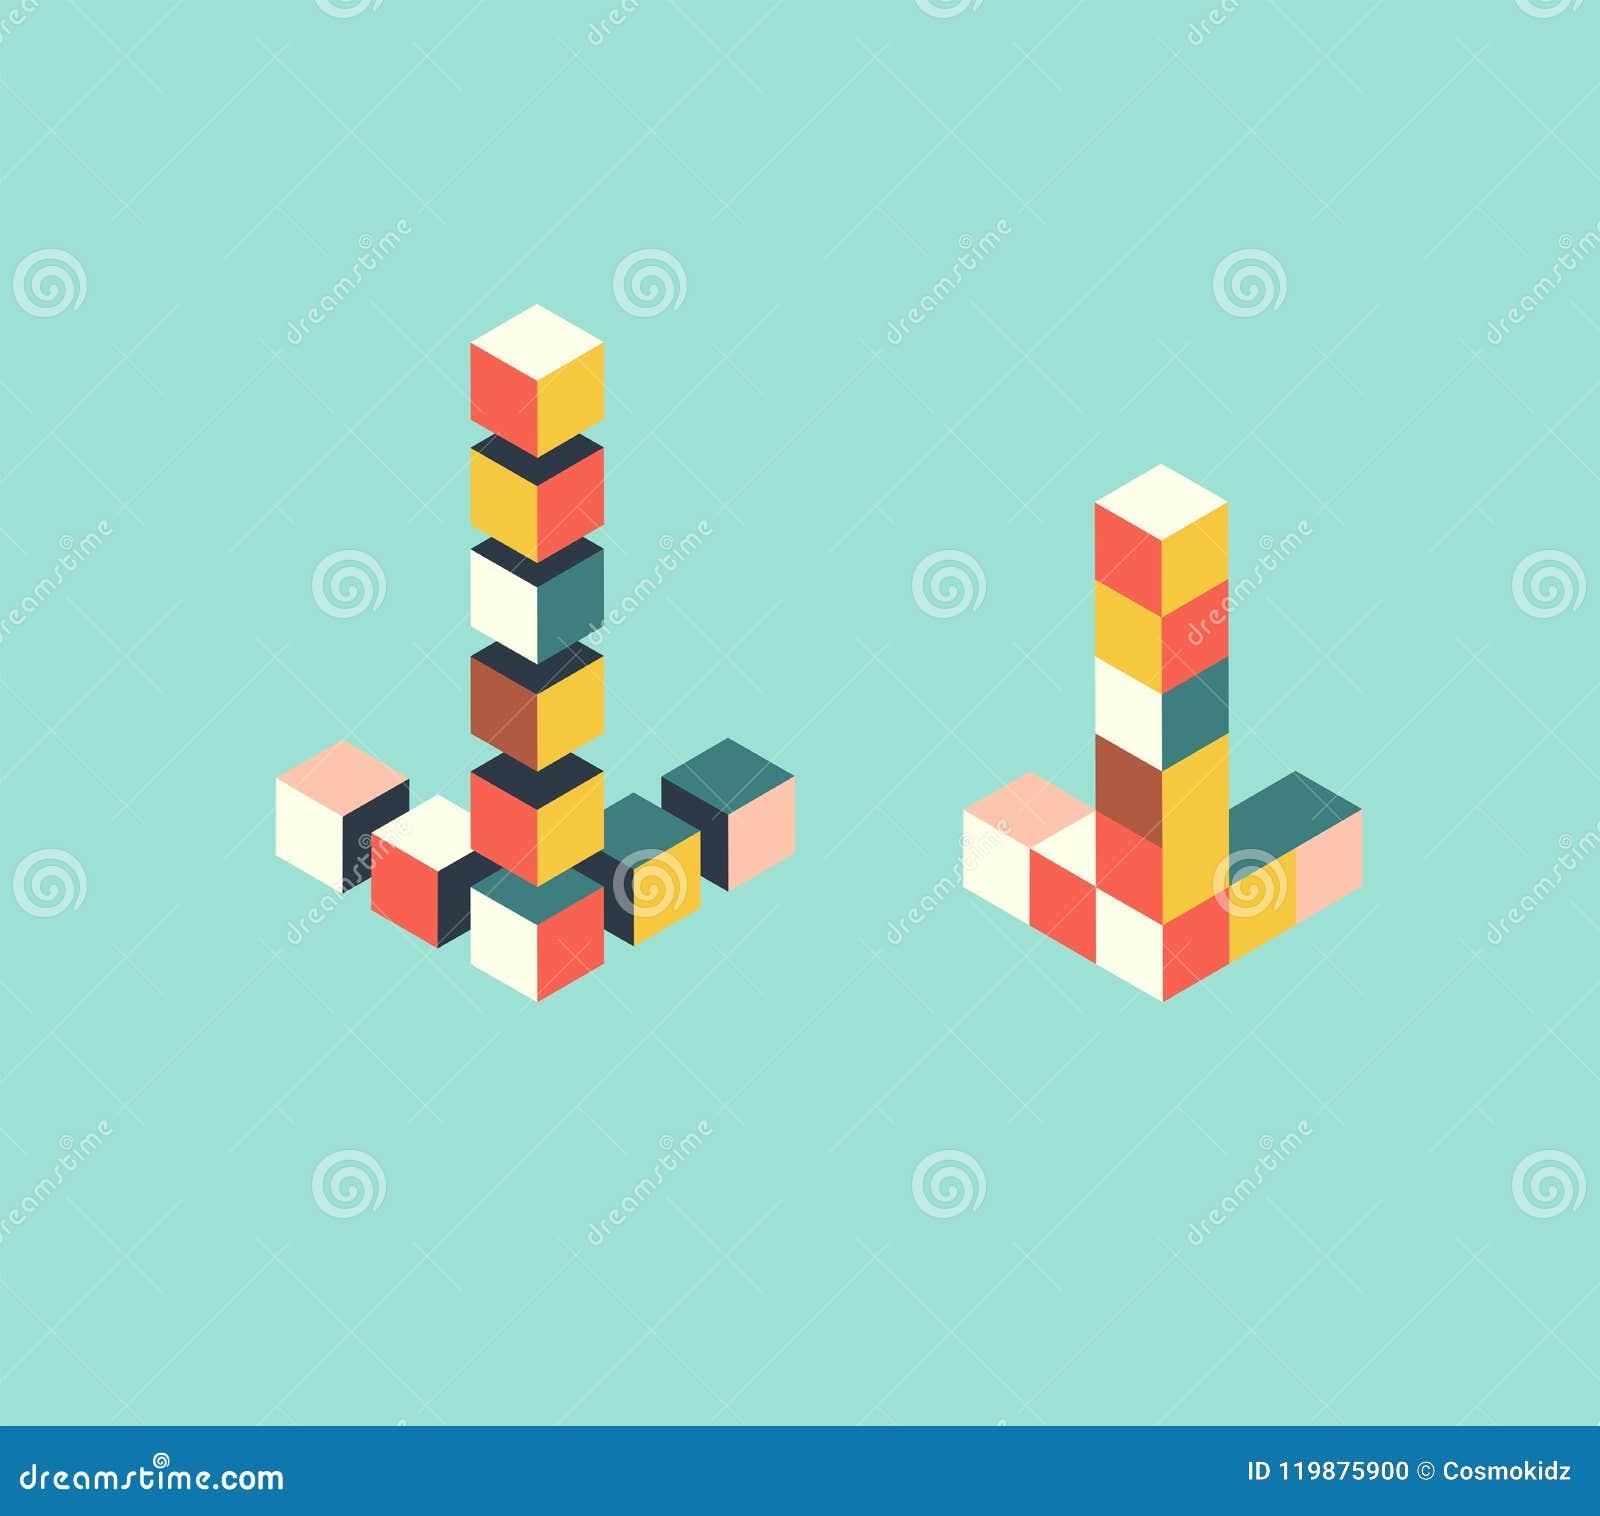 Isometrische Pfeilzeiger, Spielzeugpuzzlespiel, Cursor-Kennzeichen berechnet der Form, Vektorillustration